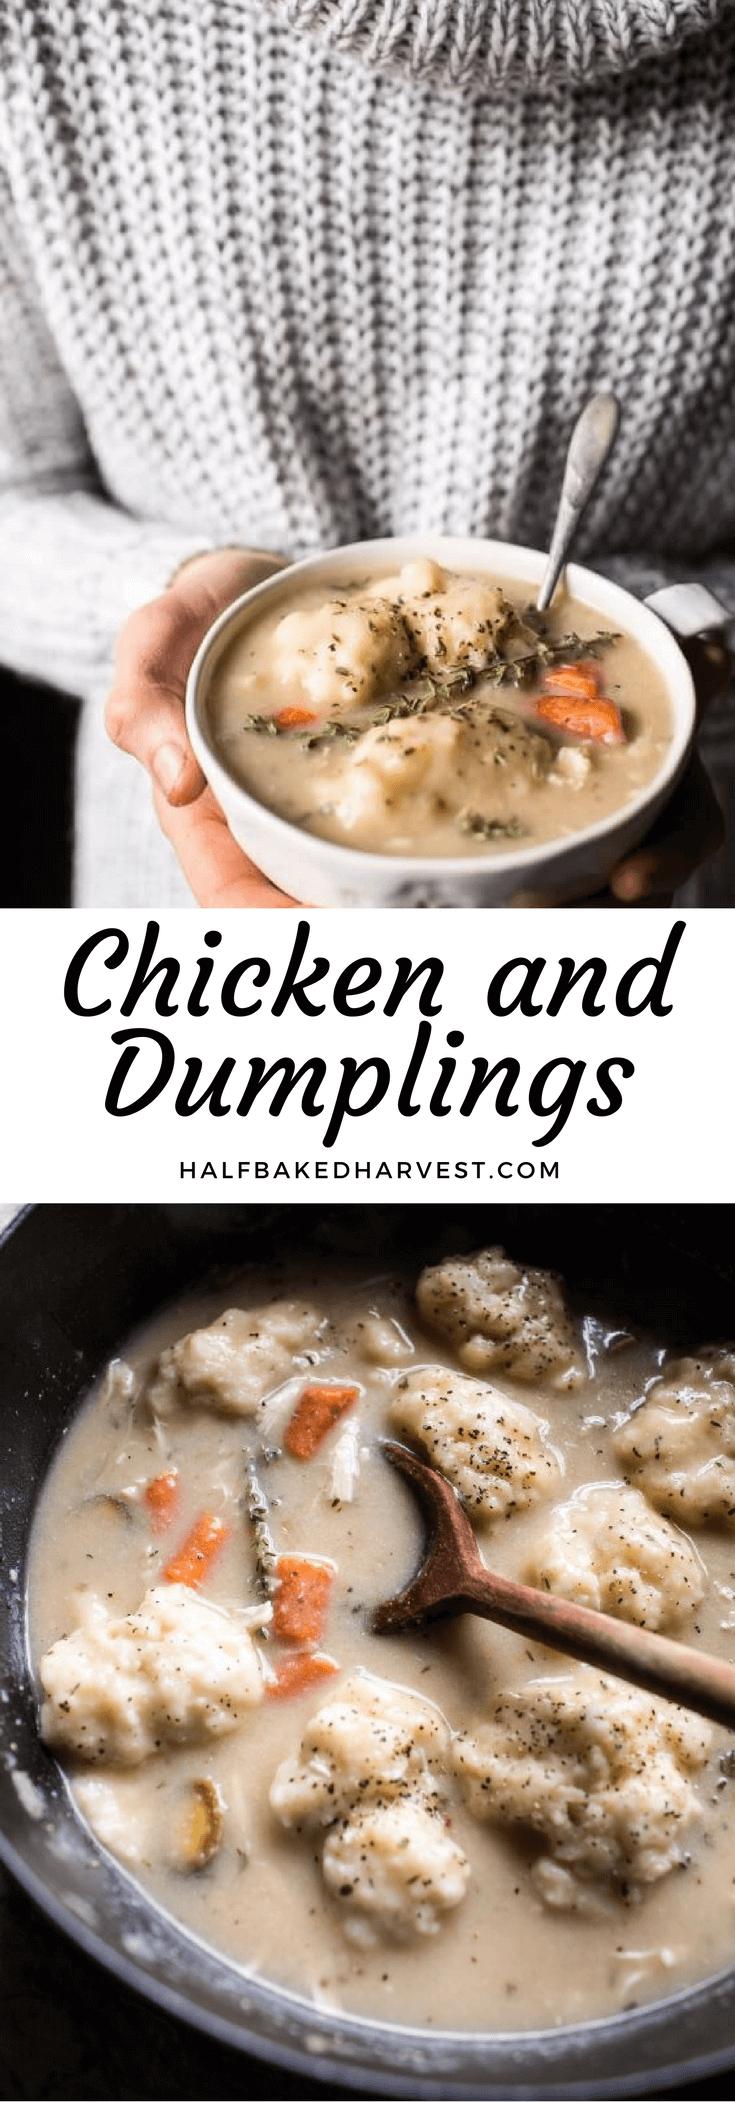 Chicken and Dumplings | halfbakedharvest.com @hbharvest